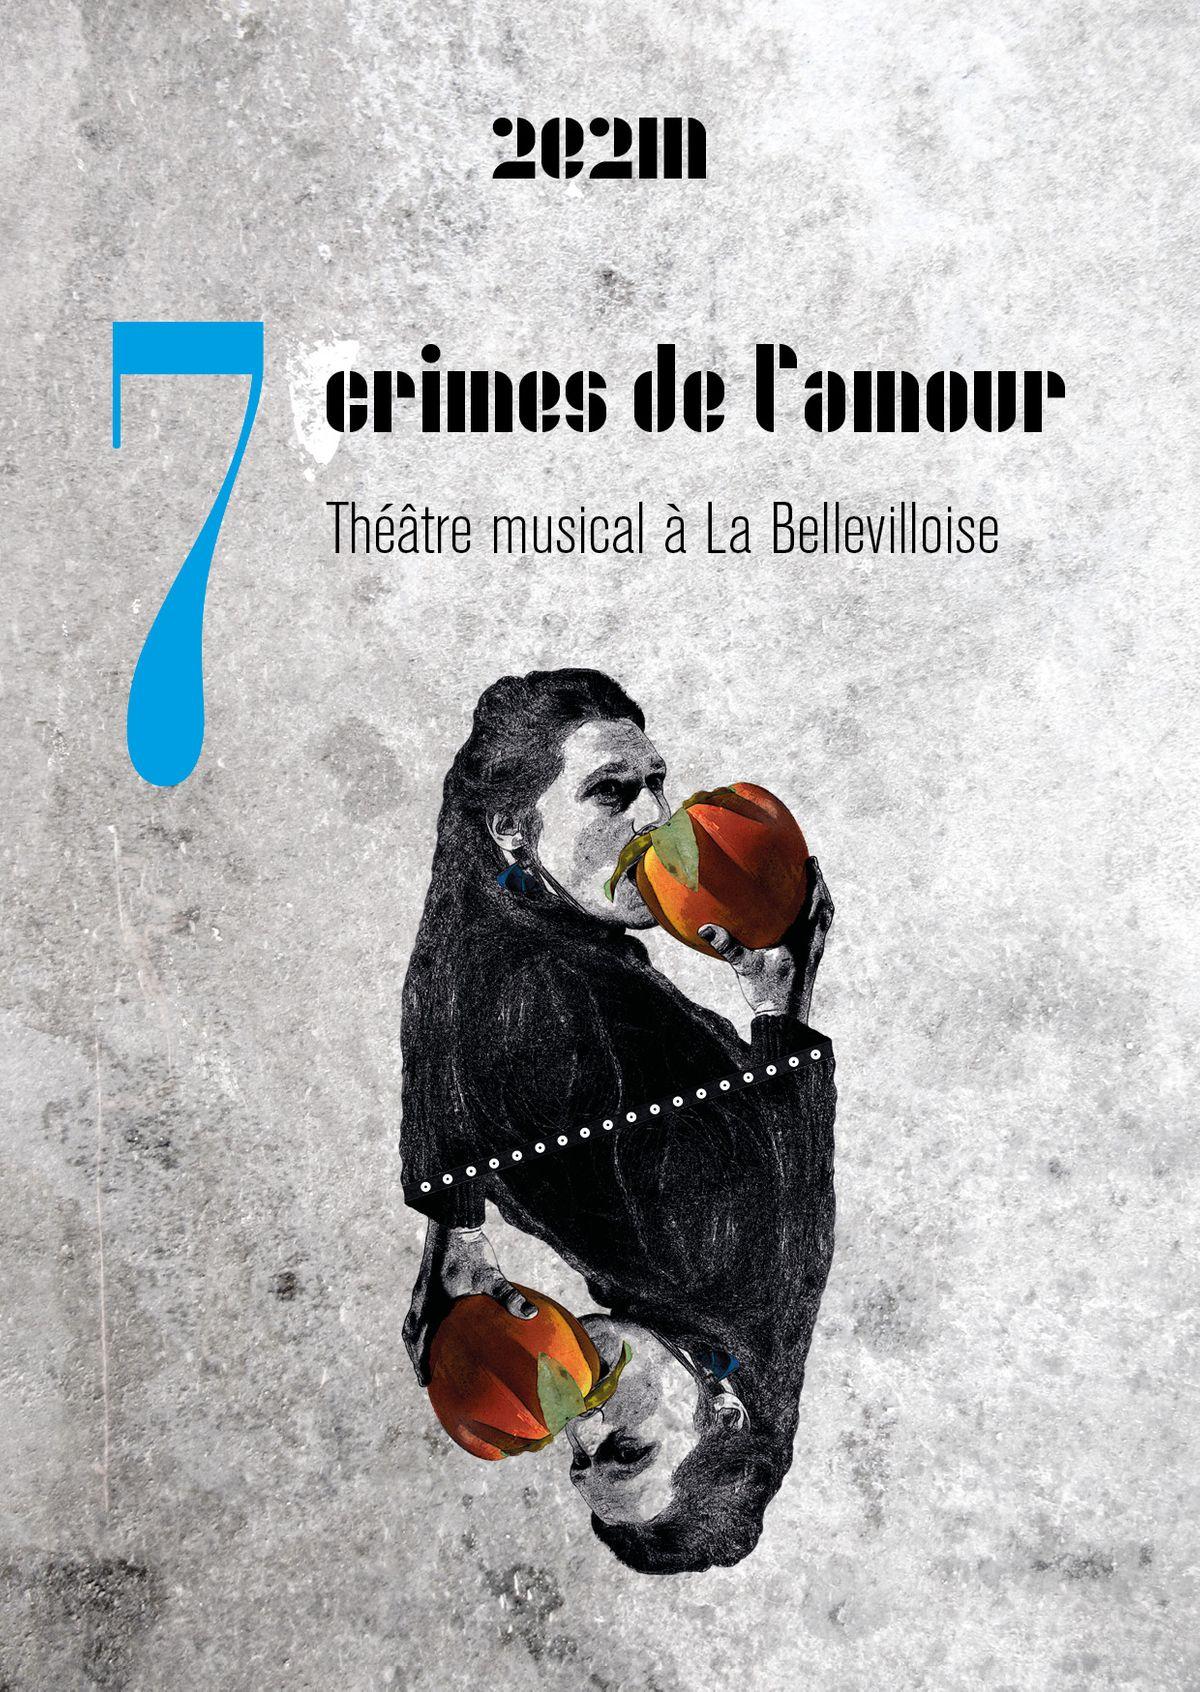 2e2m - 7 crimes de l'amour, Théâtre musical à La Bellevilloise